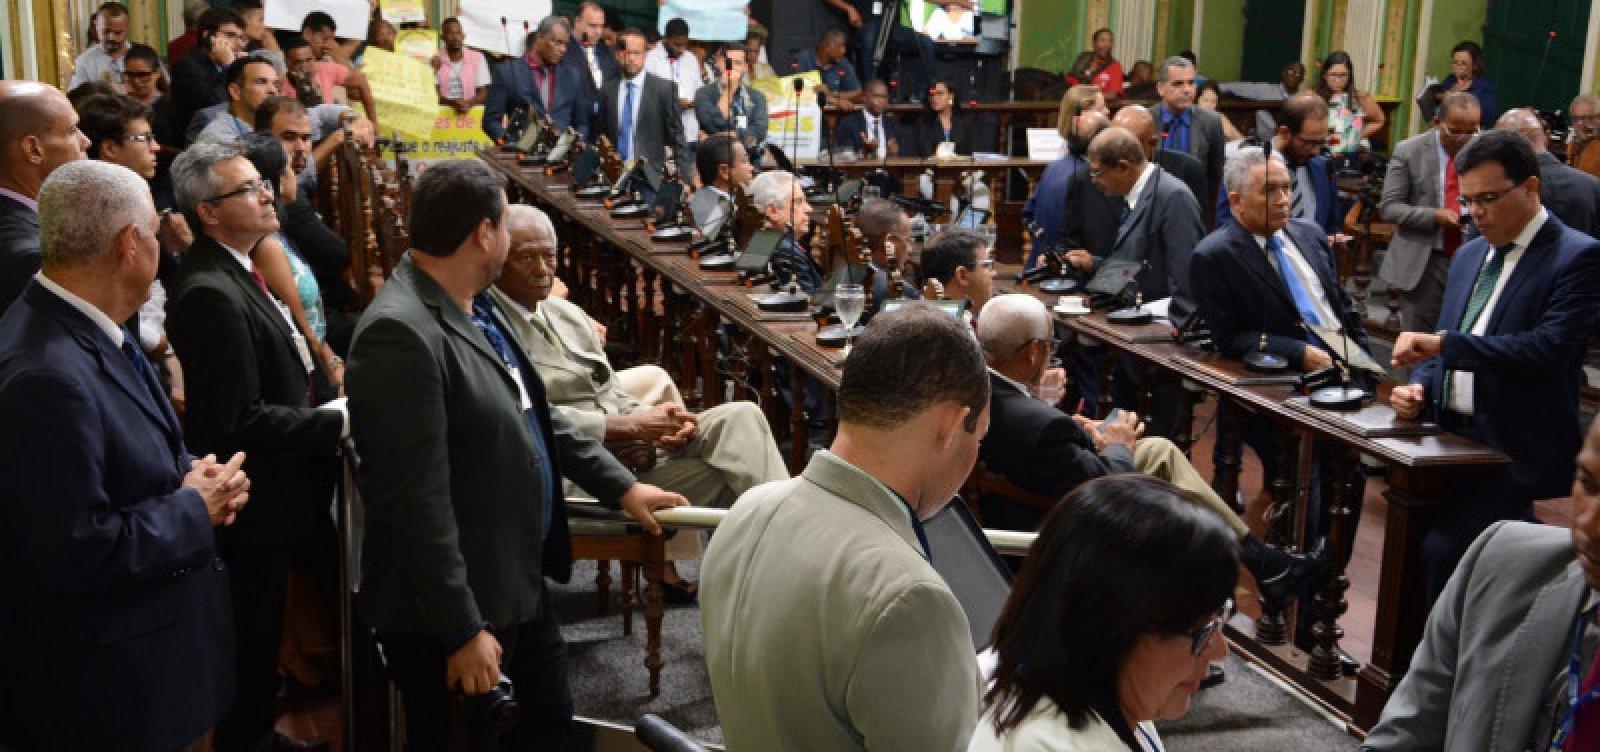 [Câmara aprova minirreforma que cria cargos comissionados na prefeitura de Salvador]